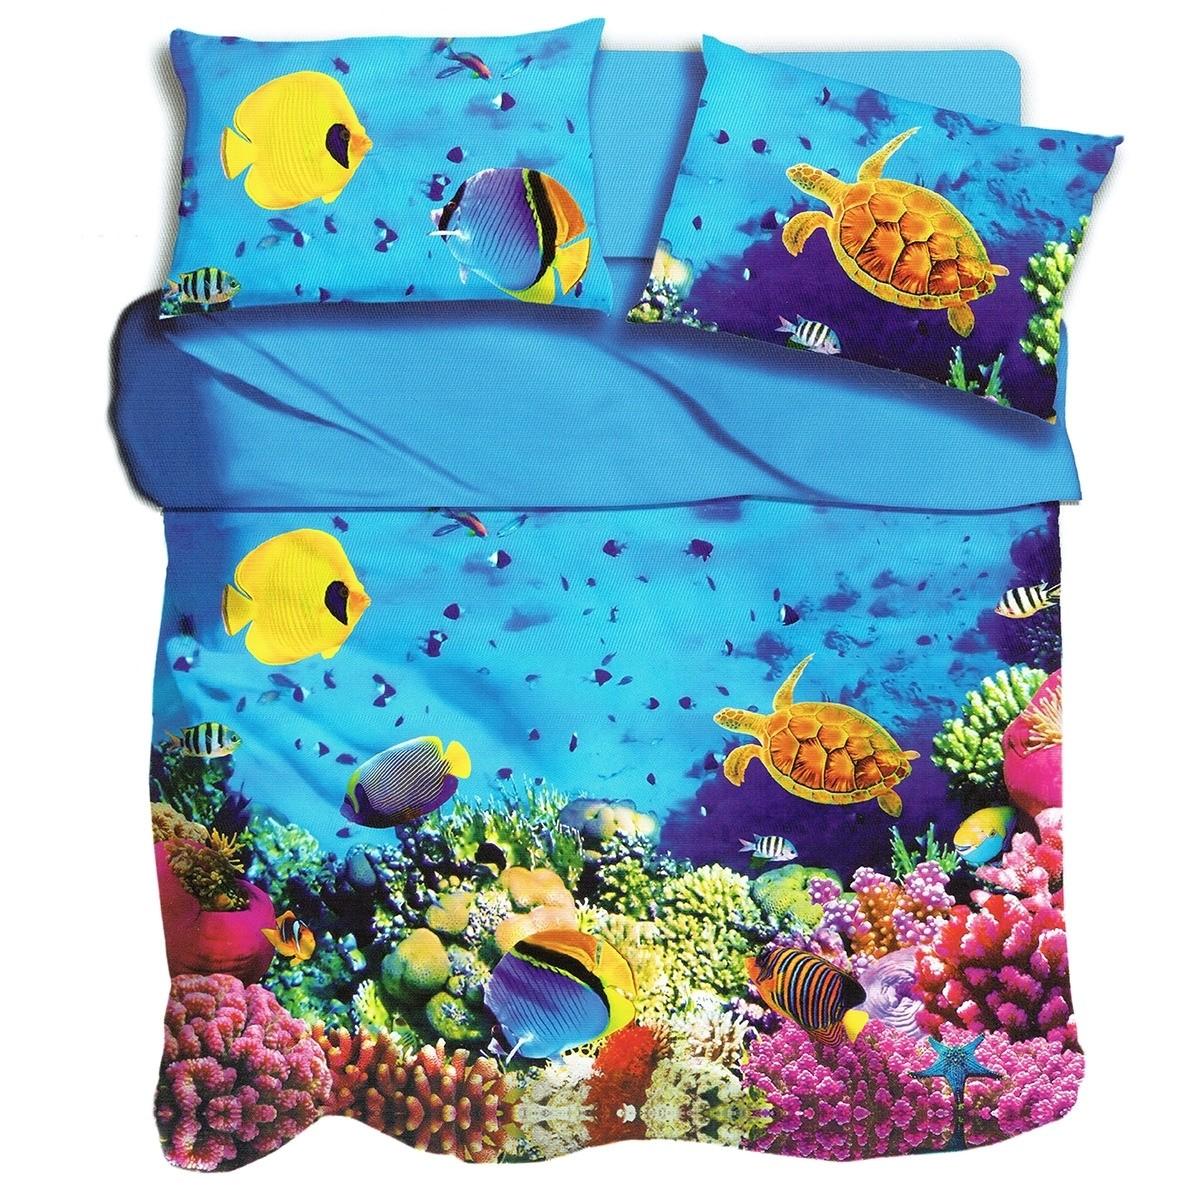 Lenzuola Matrimoniali Stampa Digitale.Aquarium Lenzuola Stampa Digitale